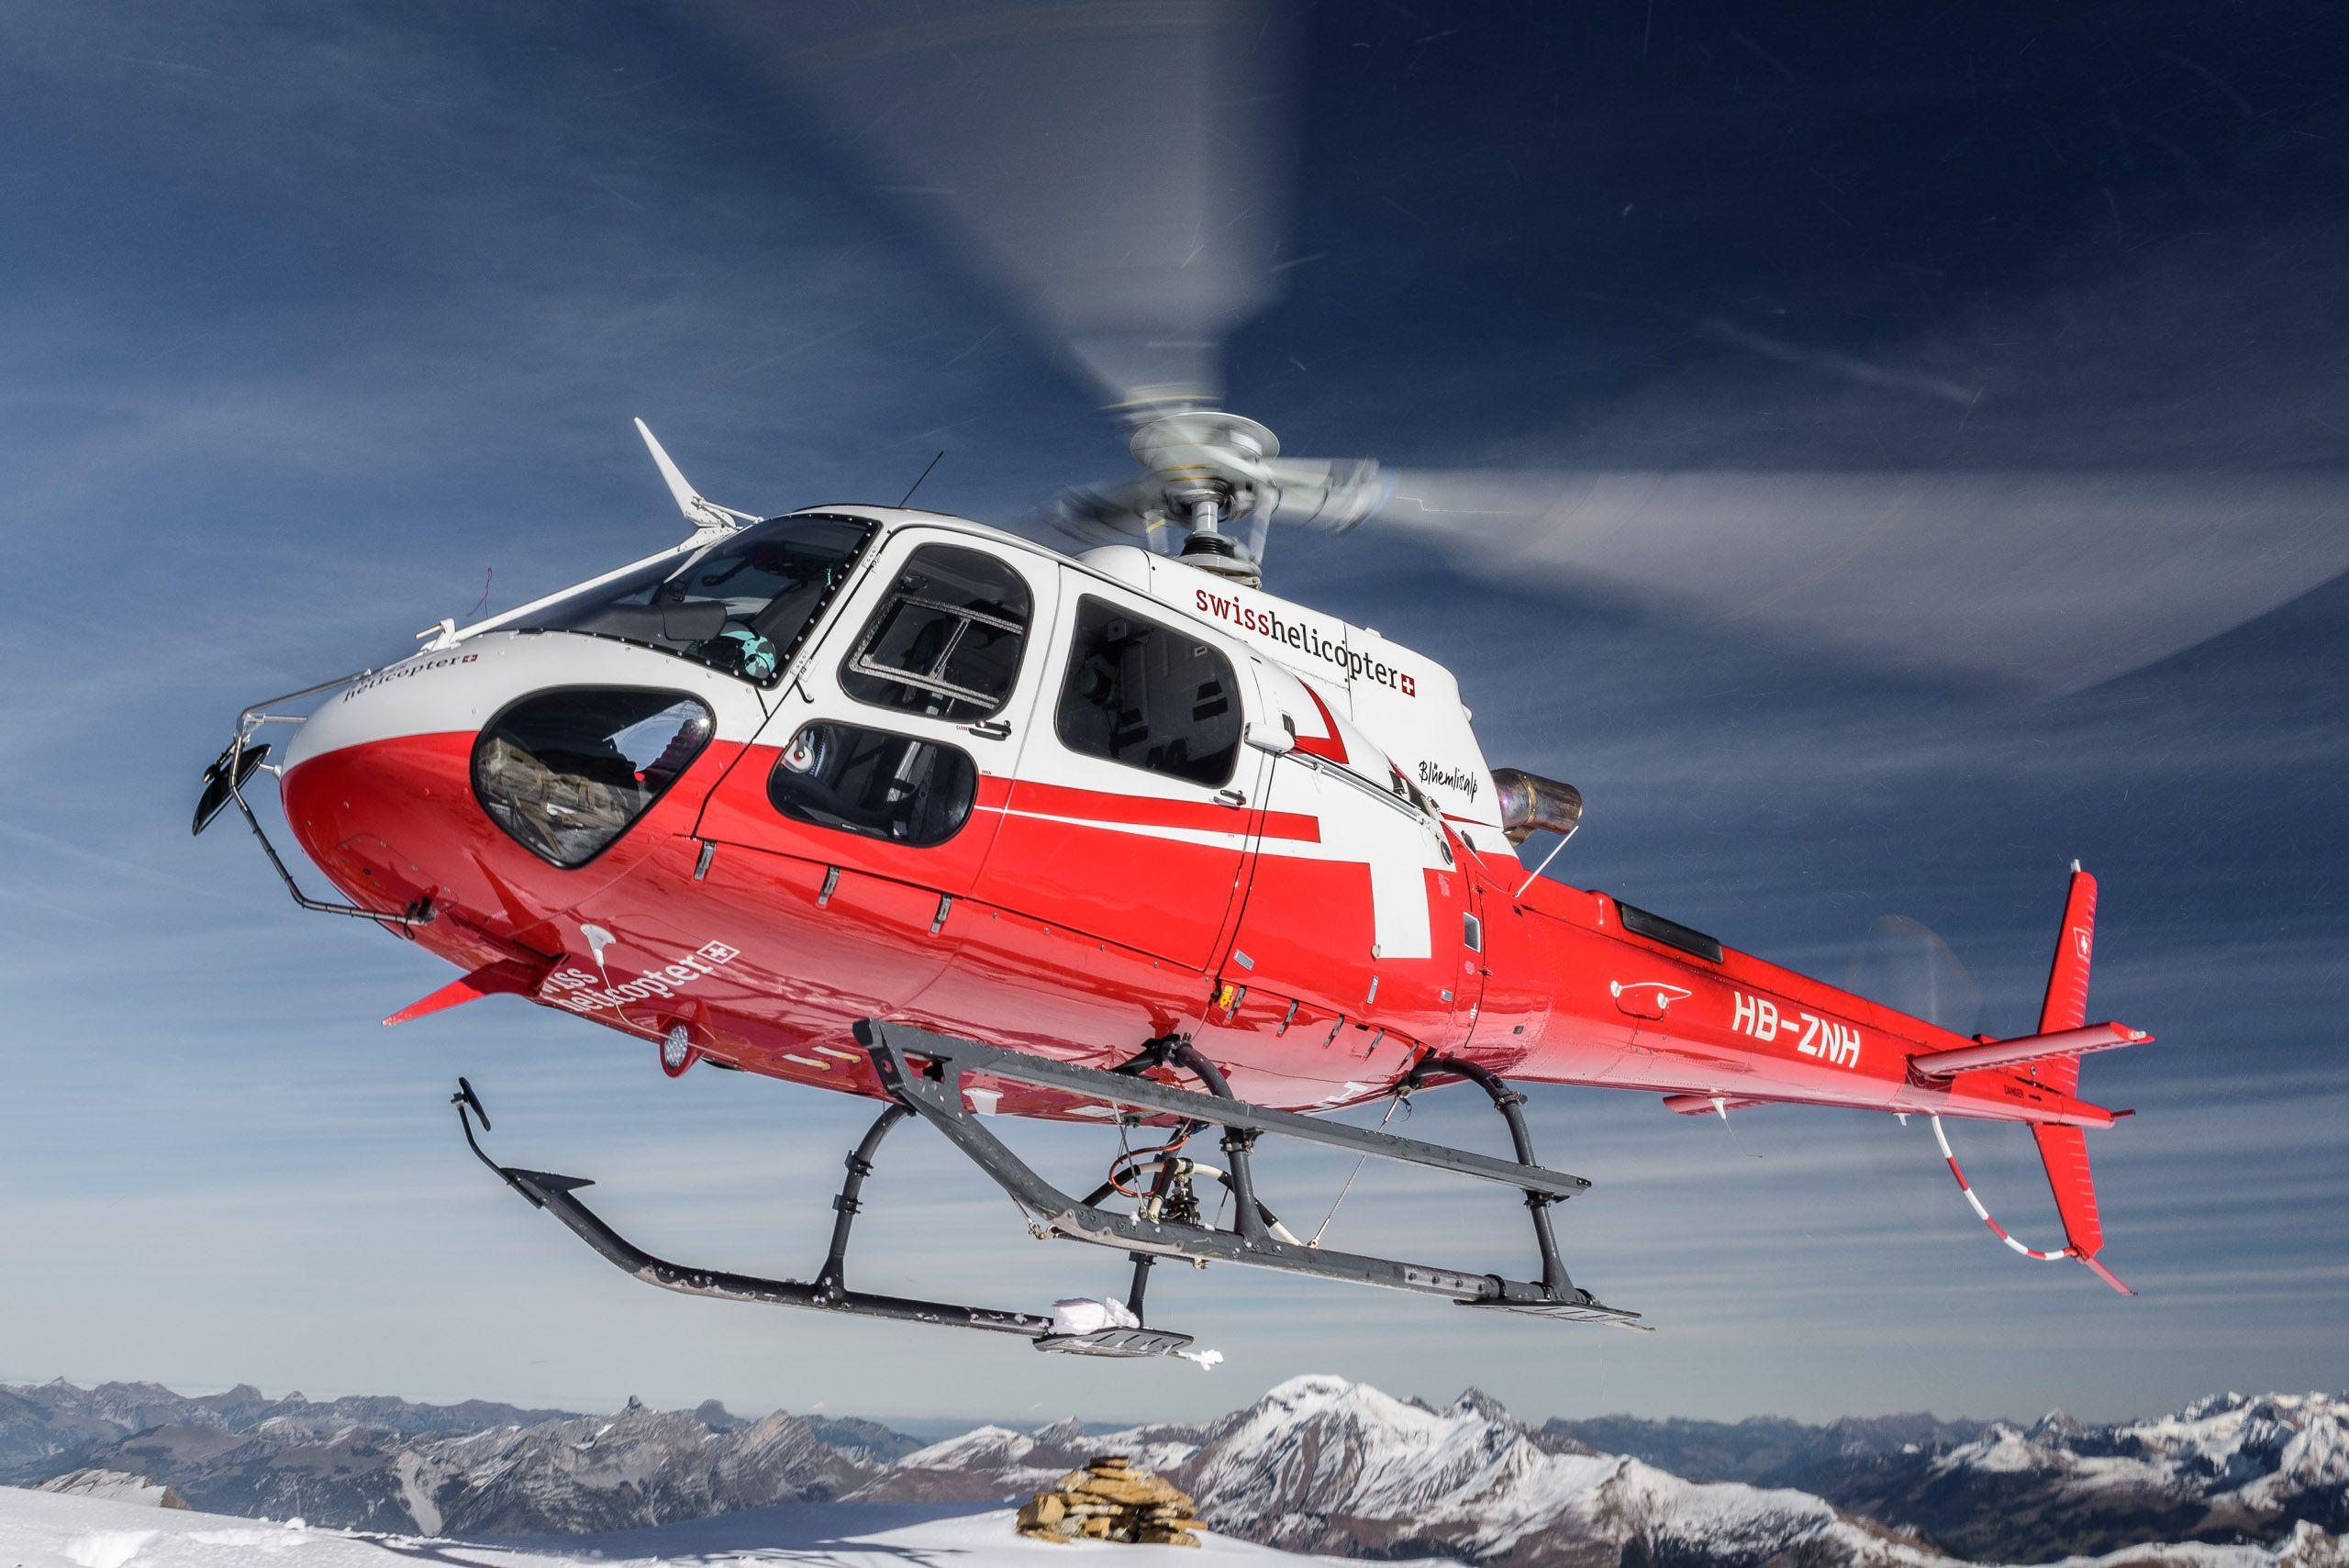 Helikopterflug-in-Schweizer-Alpen